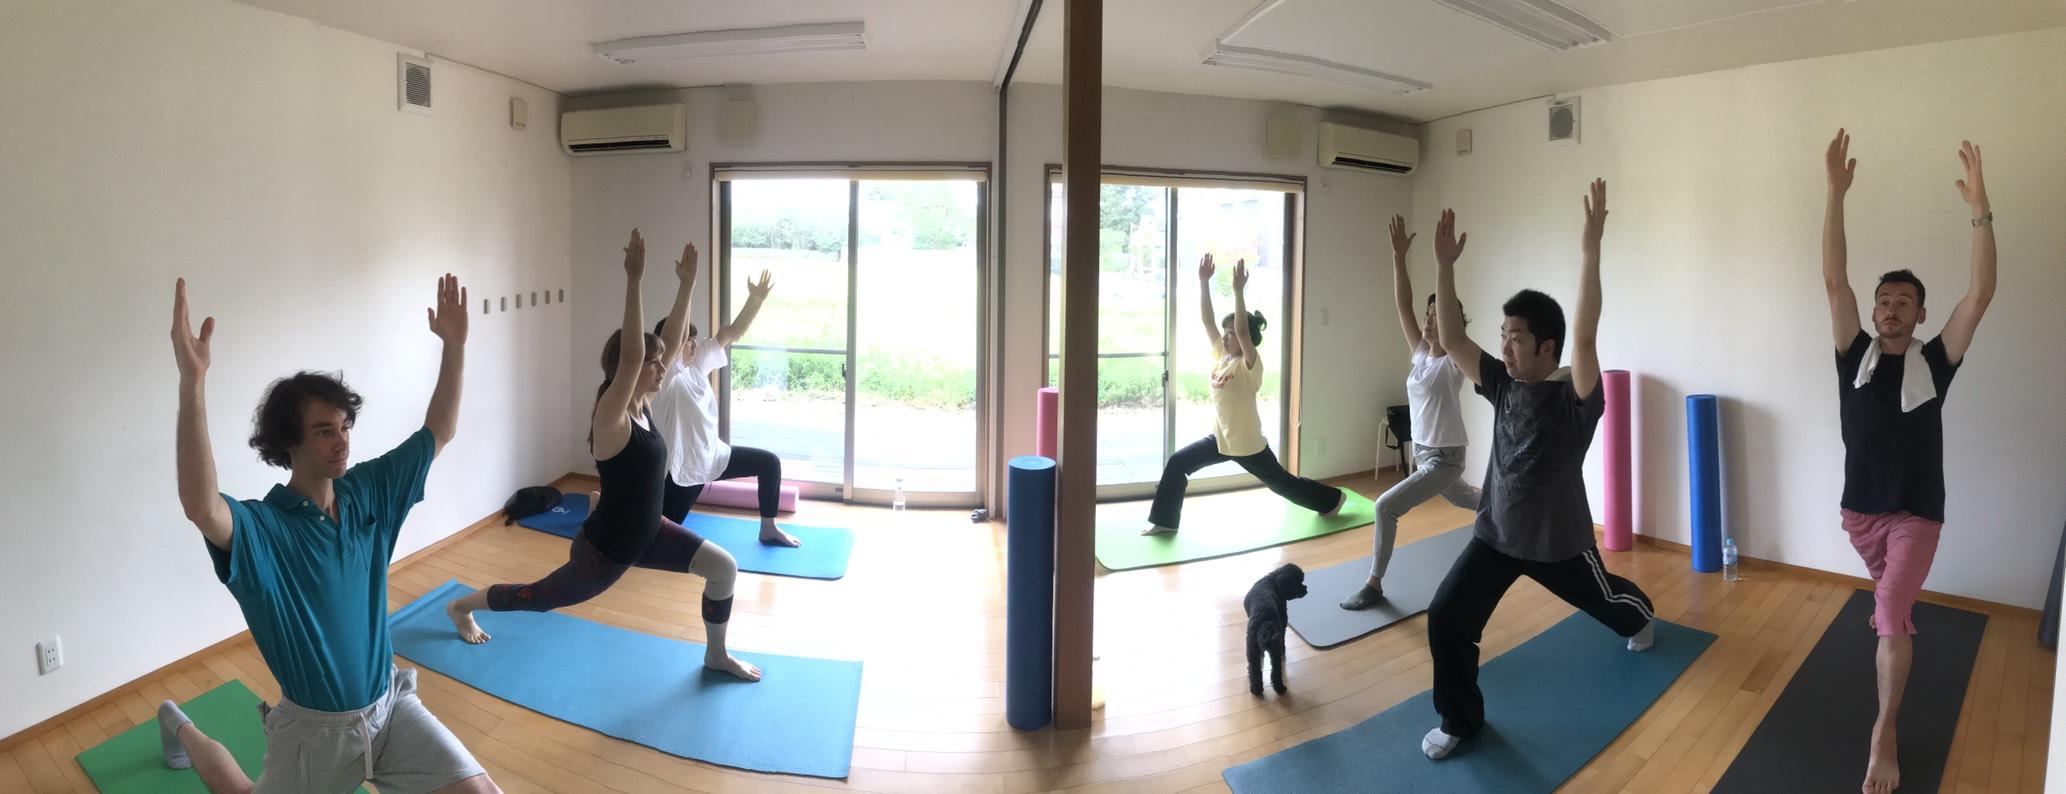 Pilatesで身体を整え、心を整え